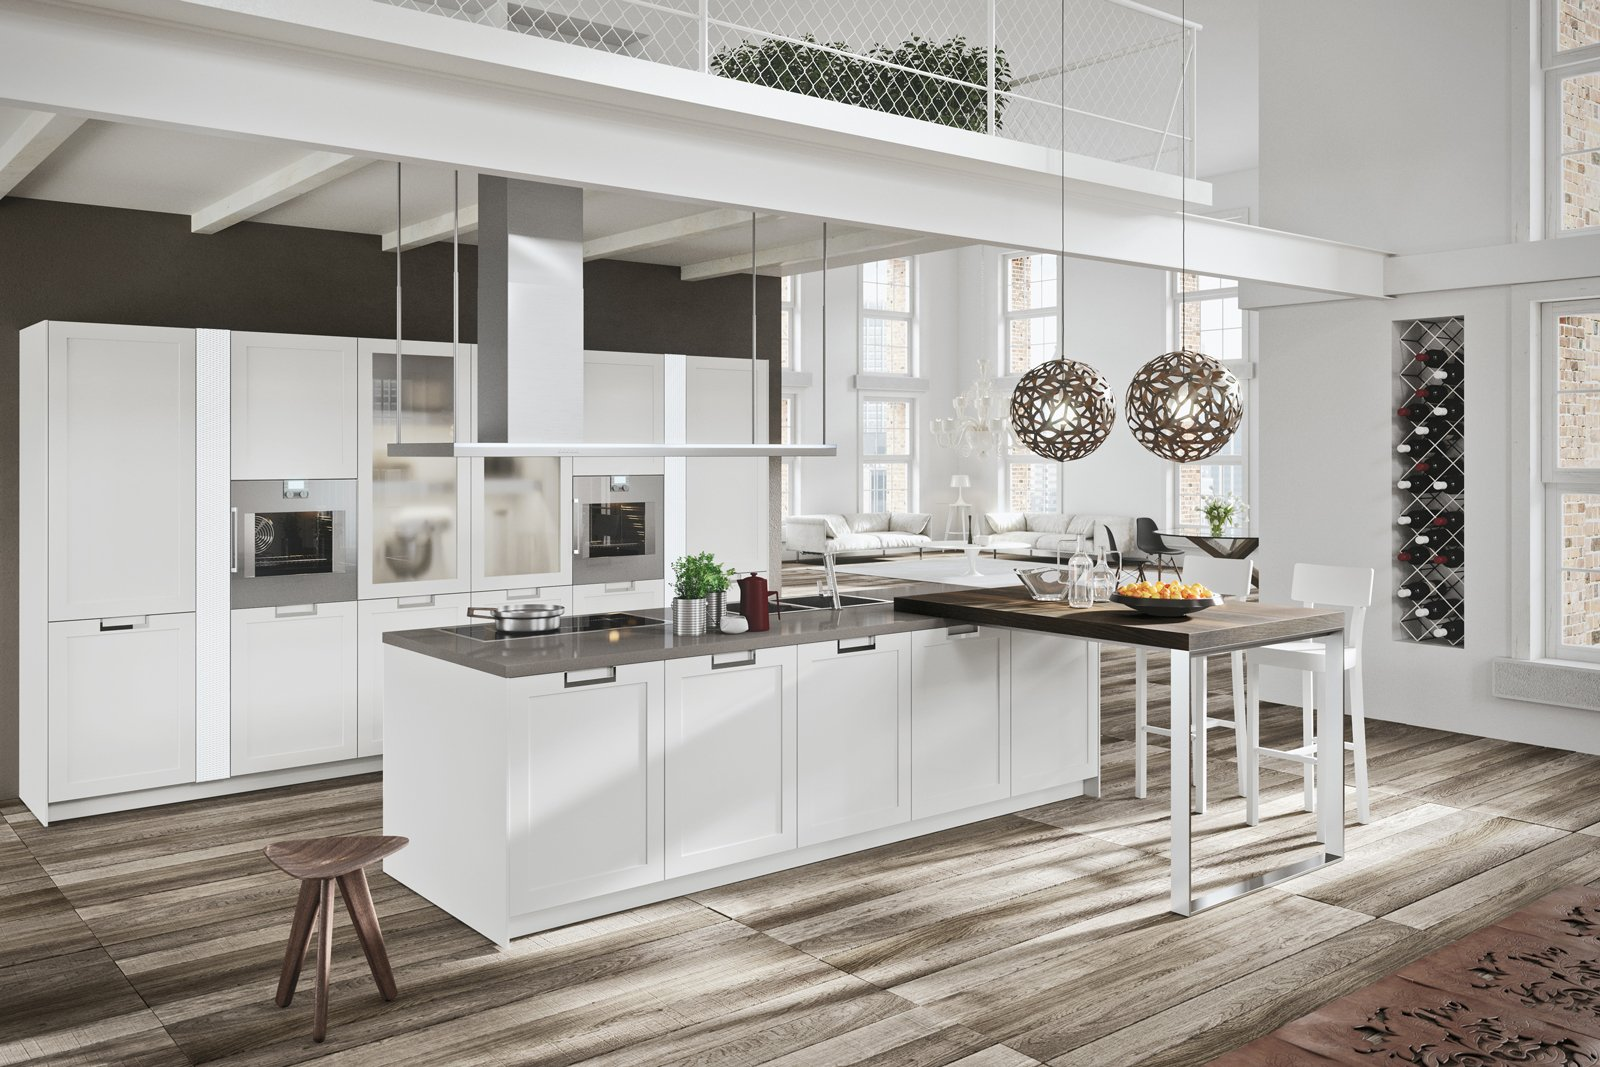 Cucine country chic soprattutto bianche o tinta legno for Oggetti per cucina moderna